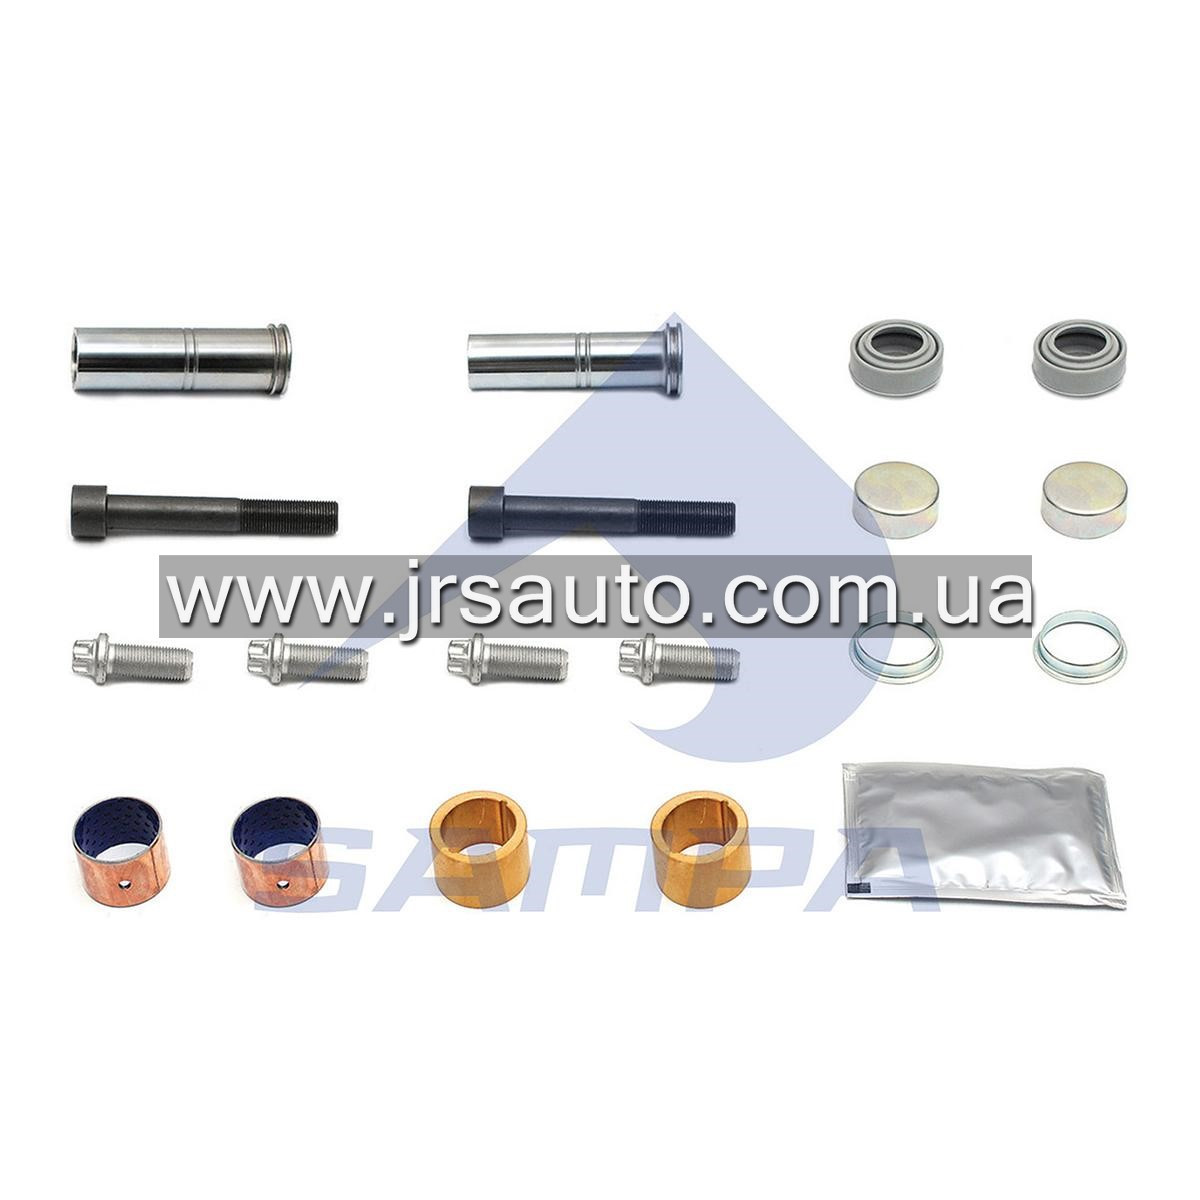 Ремкомплект суппорта VOLVO \85109889 \ 095.680